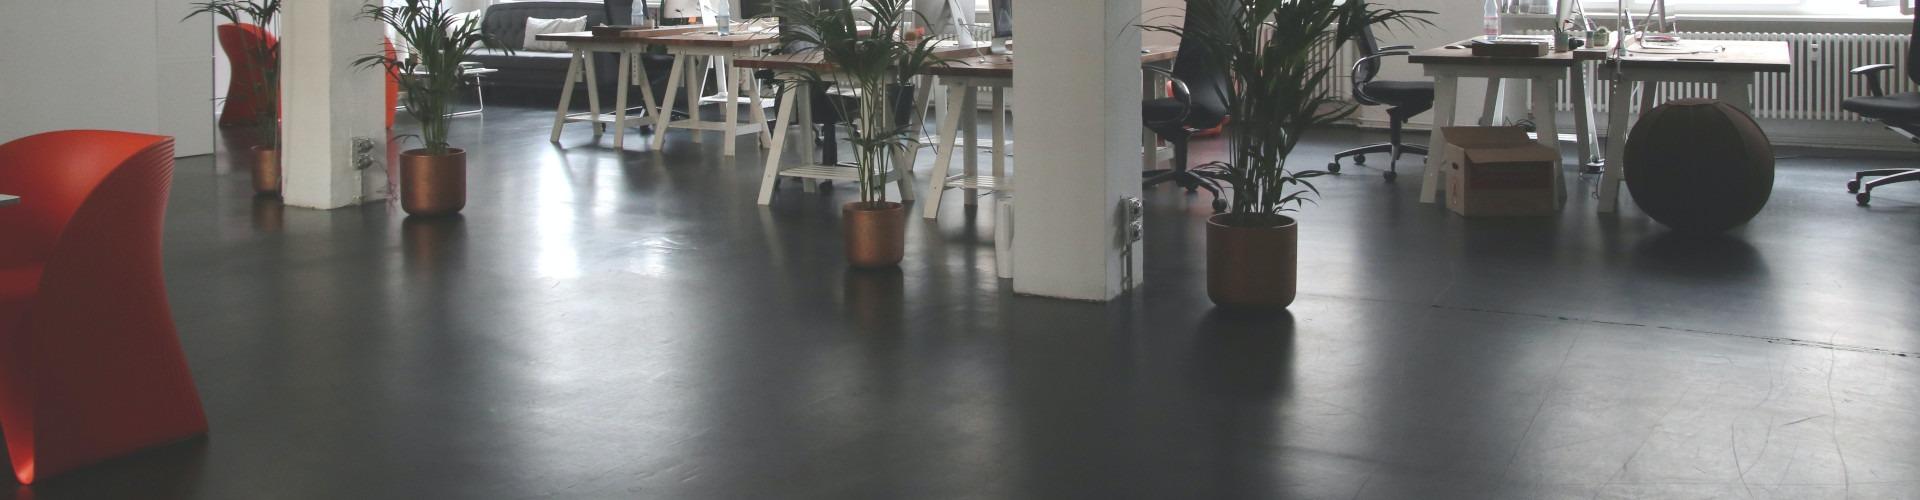 Commercial Mezzanine Floors